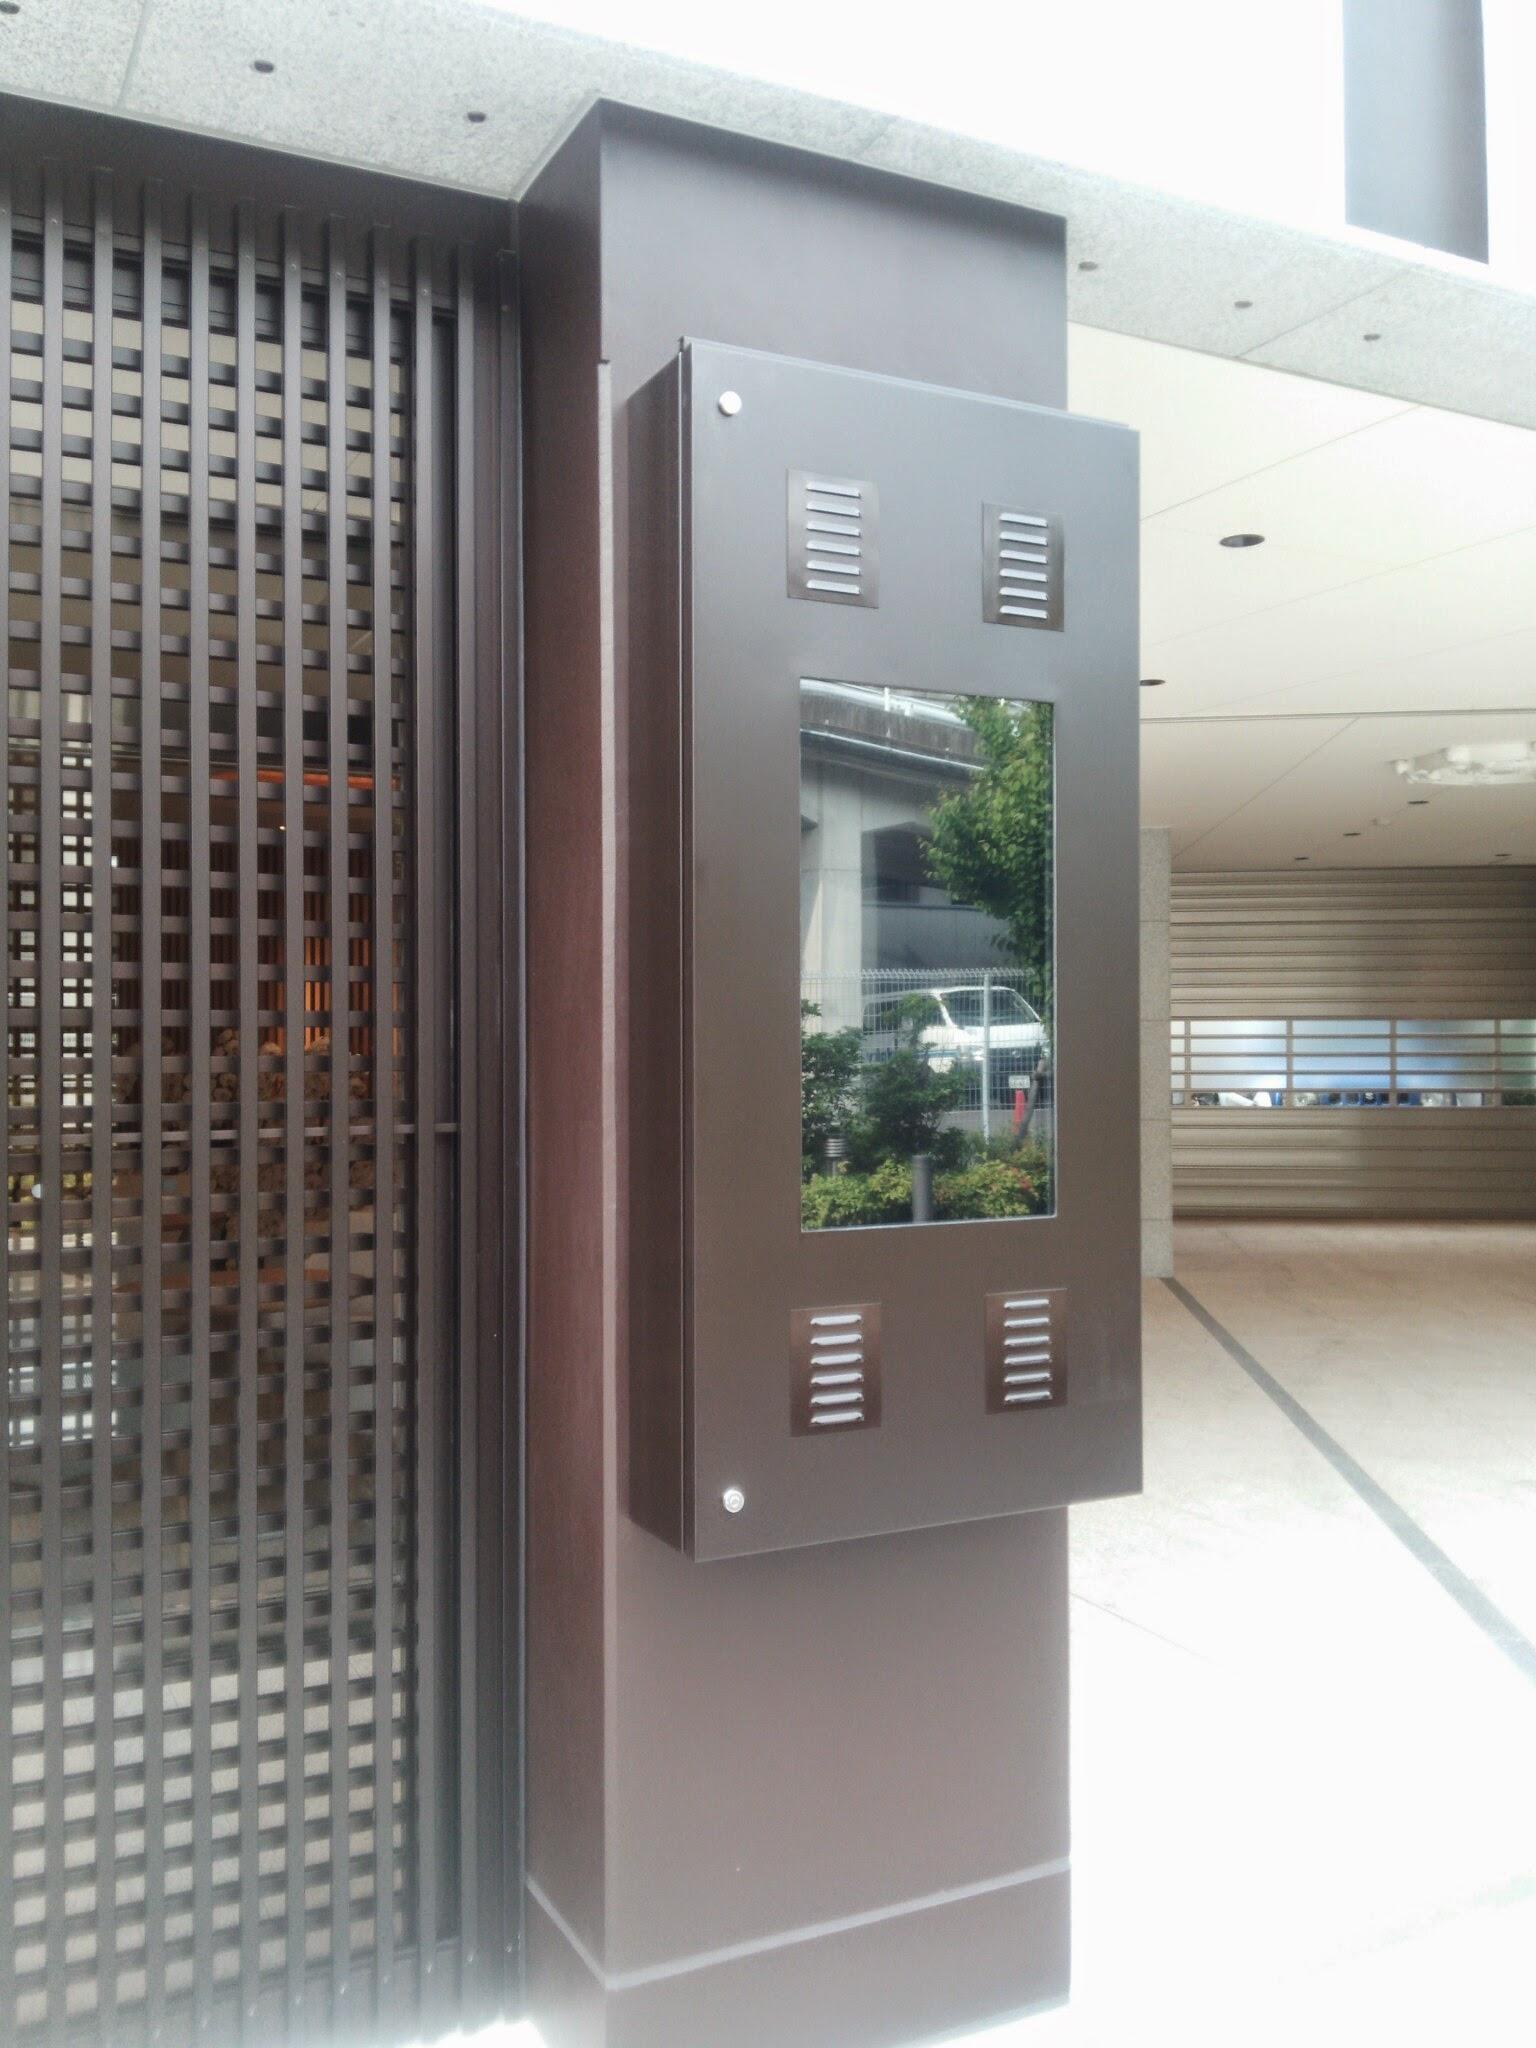 導入事例 屋外用デジタルサイネージ 32インチ壁掛け 寺院設置 事例